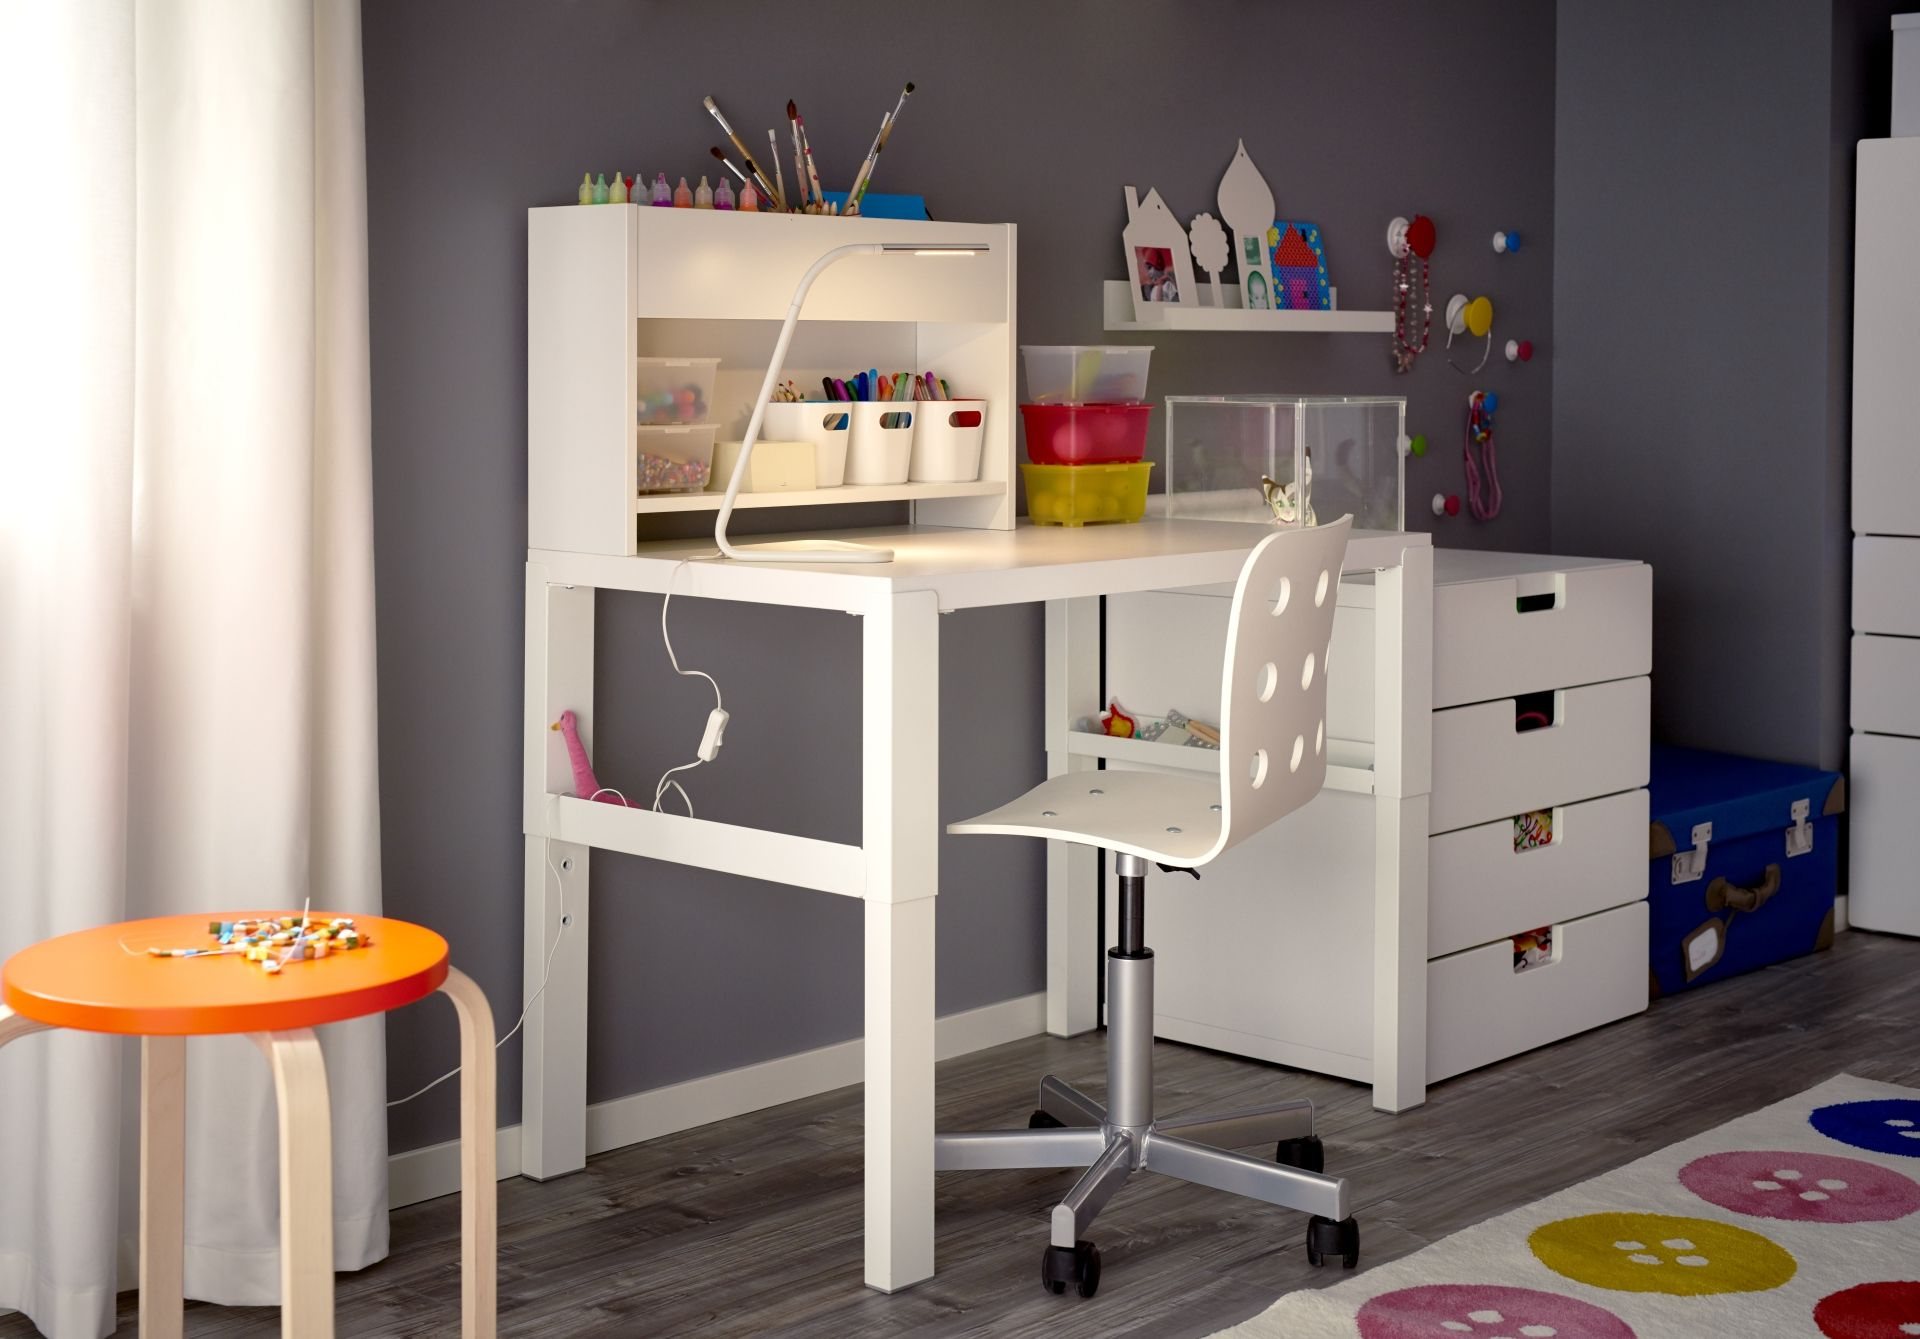 PÅhl bureau met opbouwdeel wit boys room desk